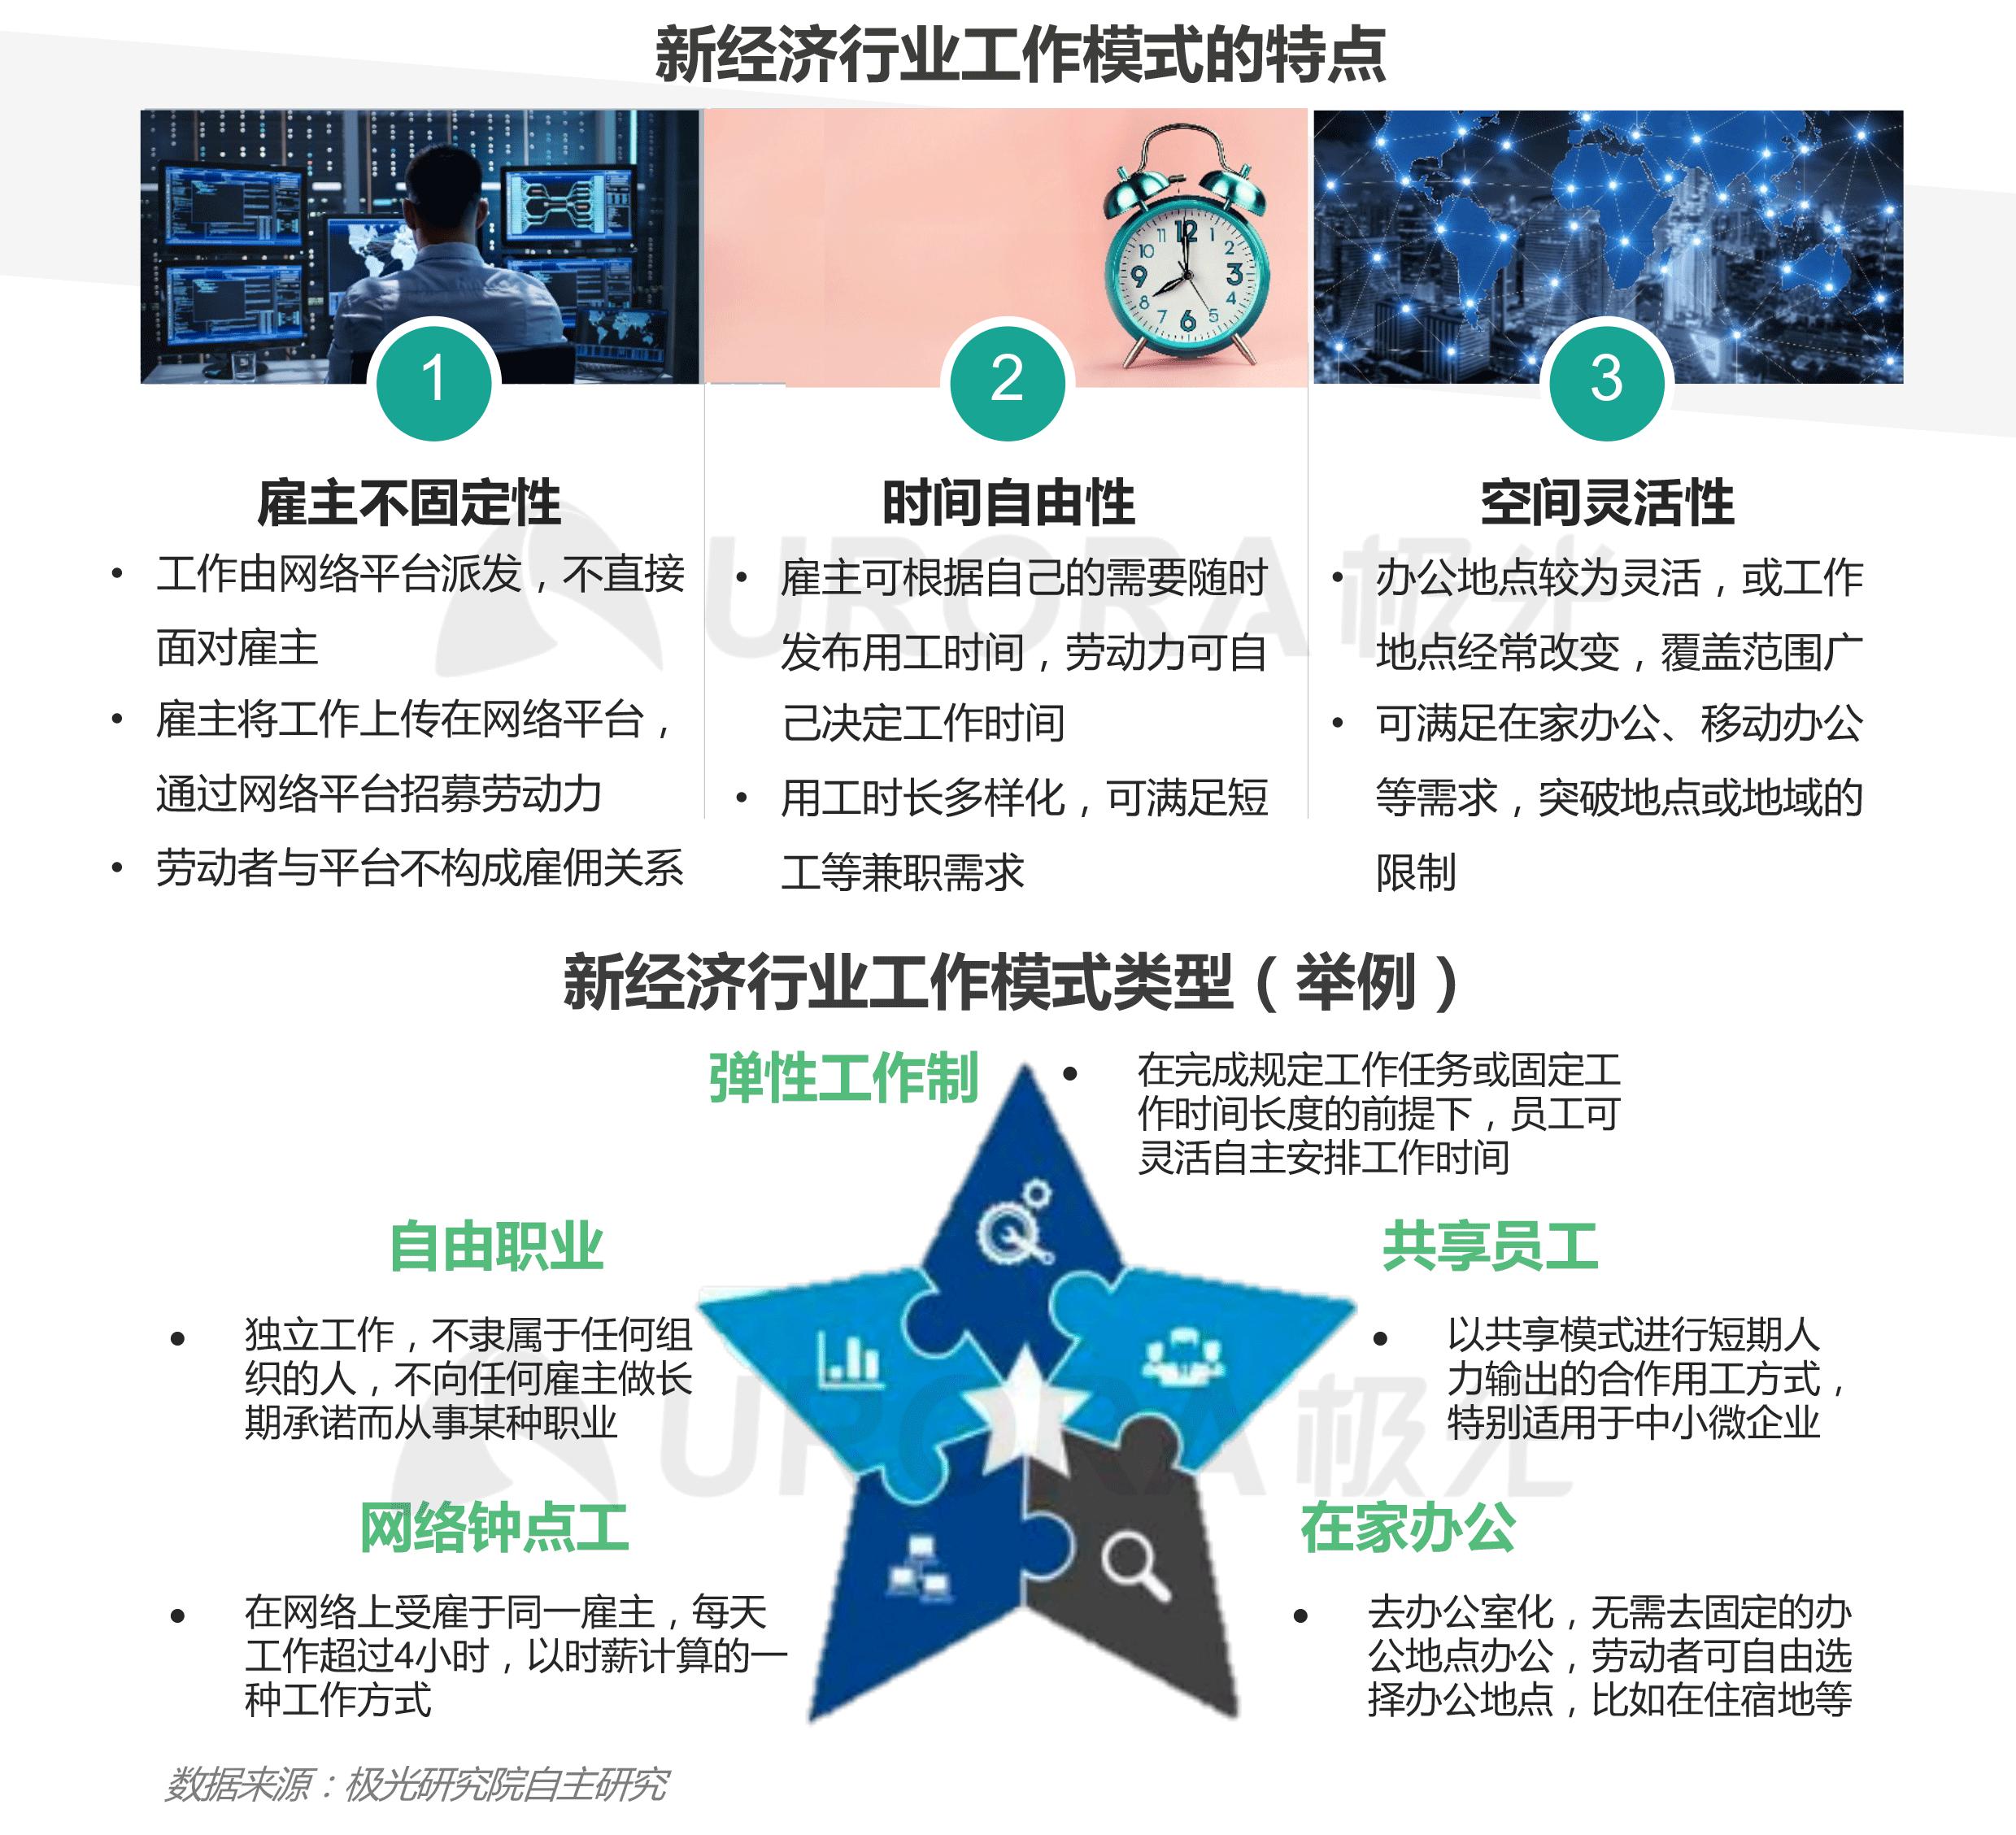 """""""超职季""""招聘行业报告-汇总版 (5).png"""